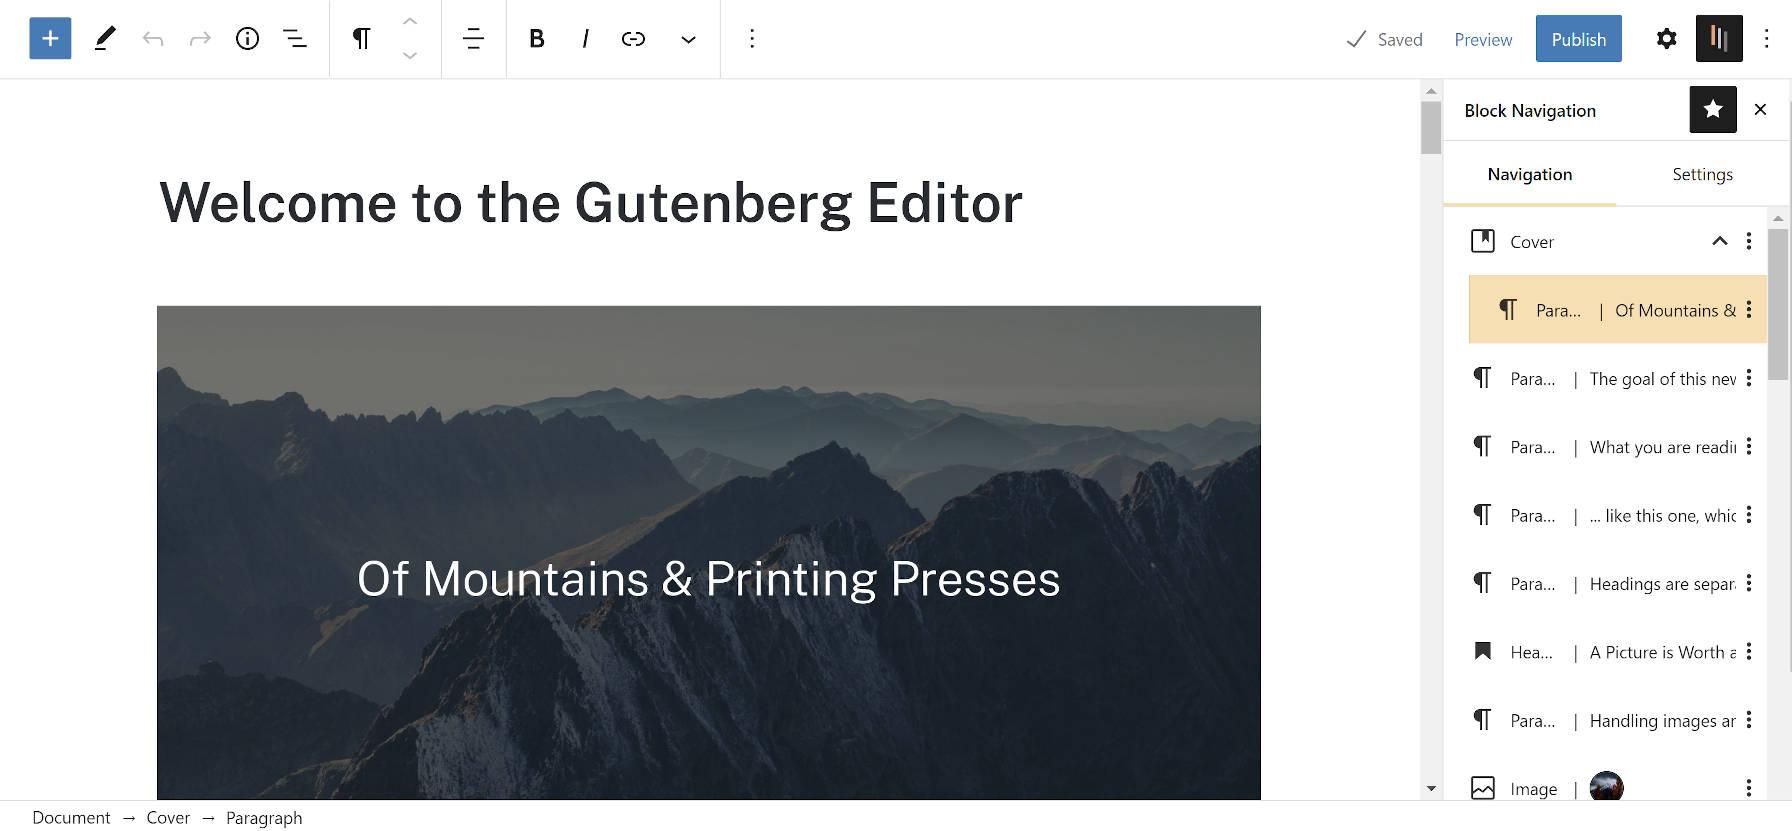 Bloquer la barre latérale de navigation dans l'éditeur WordPress.